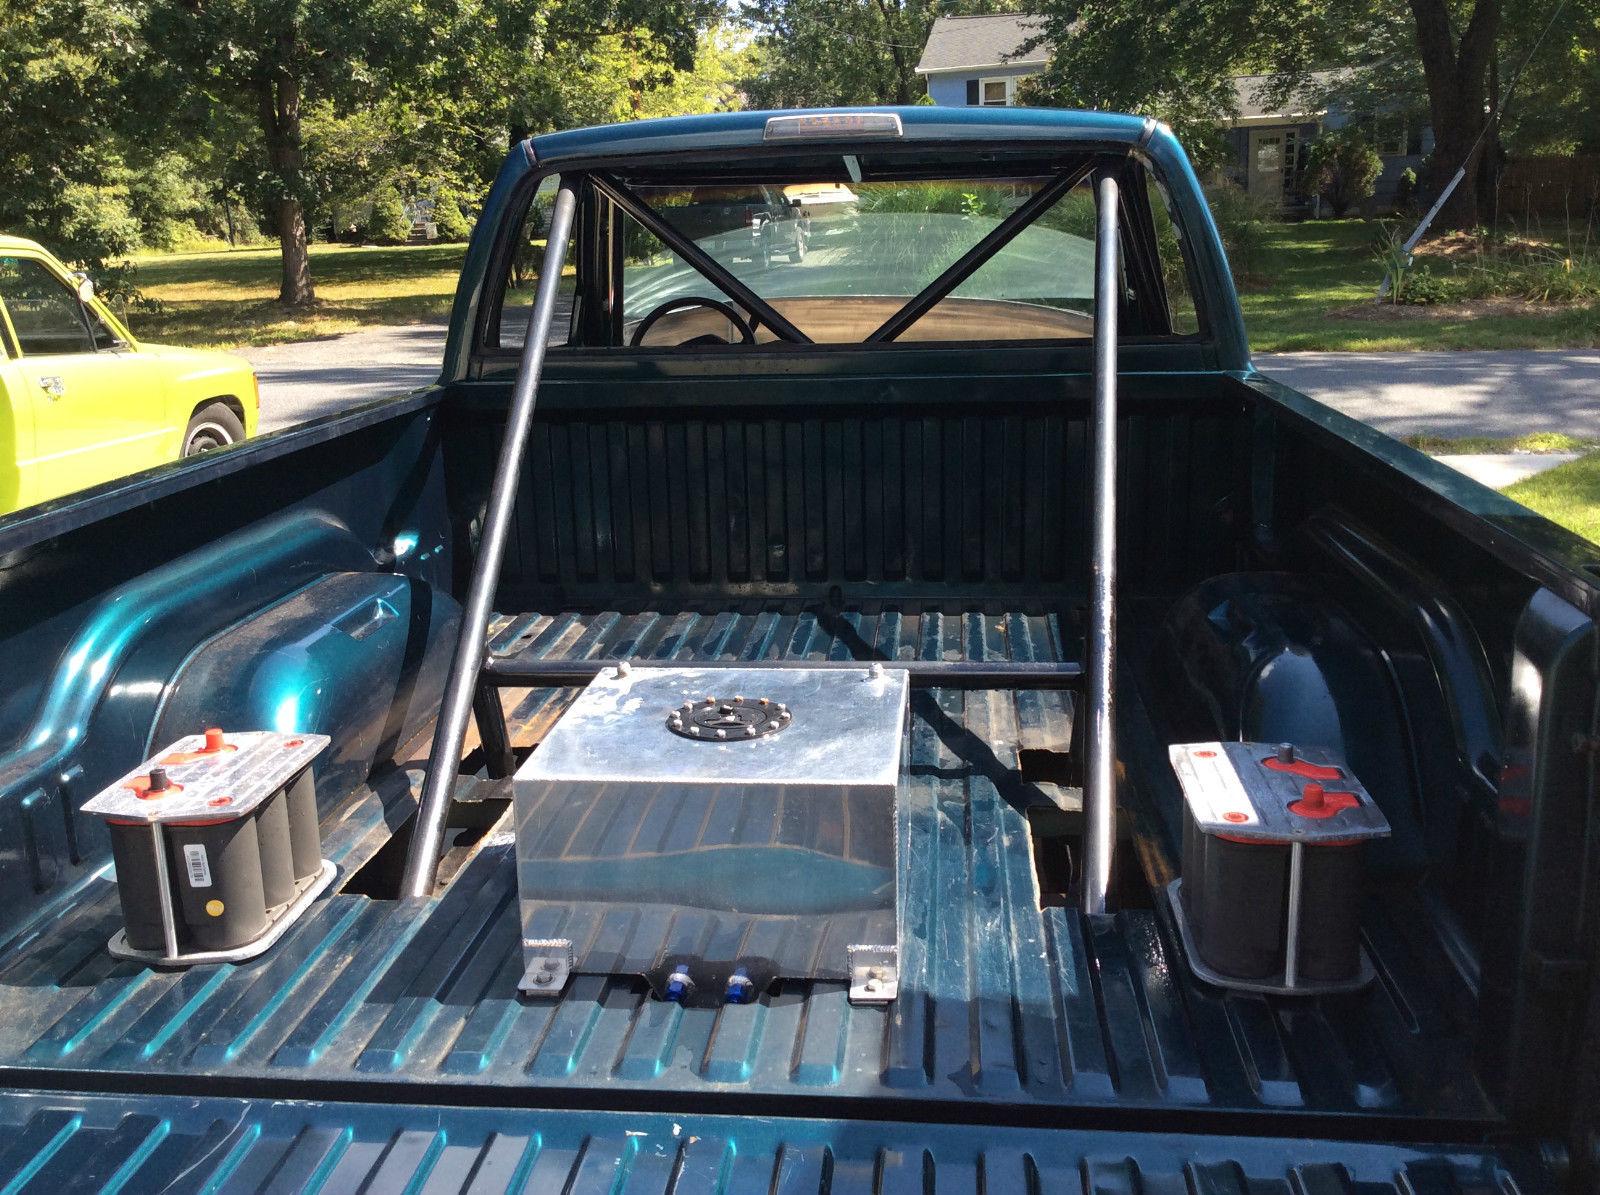 Srt 10 Ram For Sale >> For Sale: Dodge Ram 1500 with a Magnum V10 ...